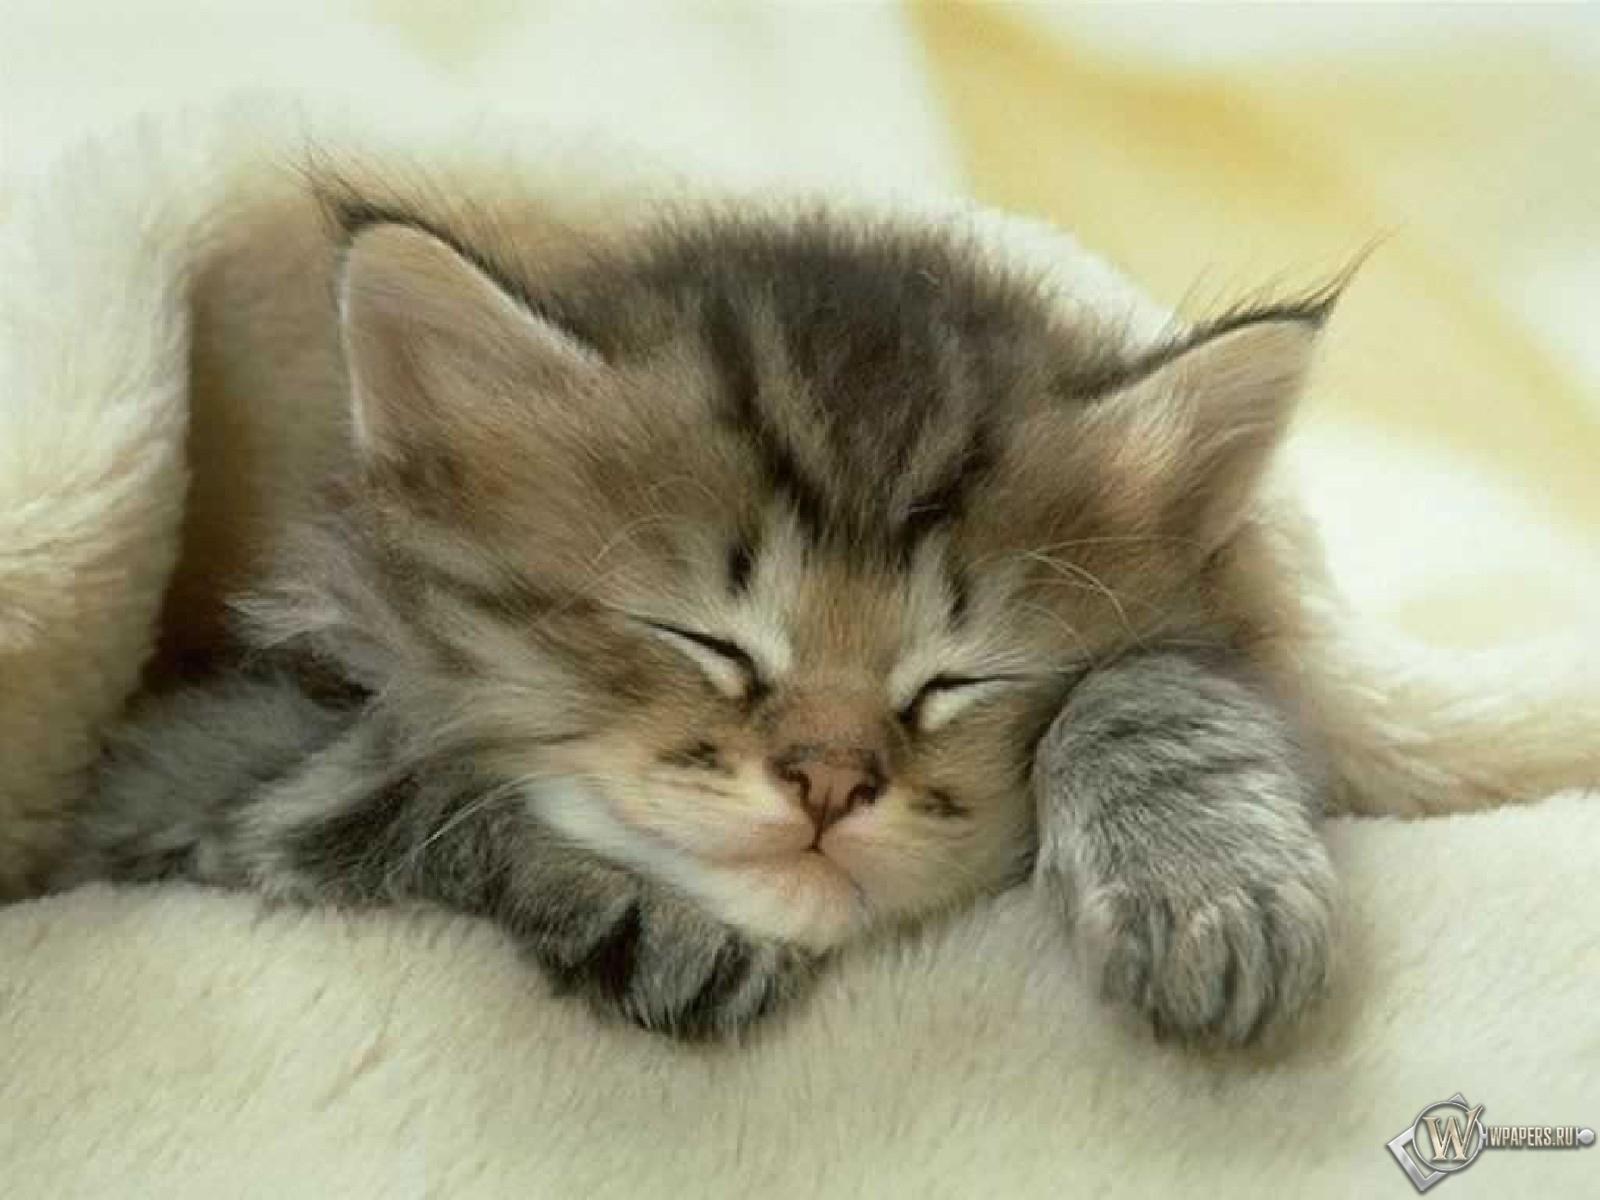 Спящий под одеялом котенок 1600x1200